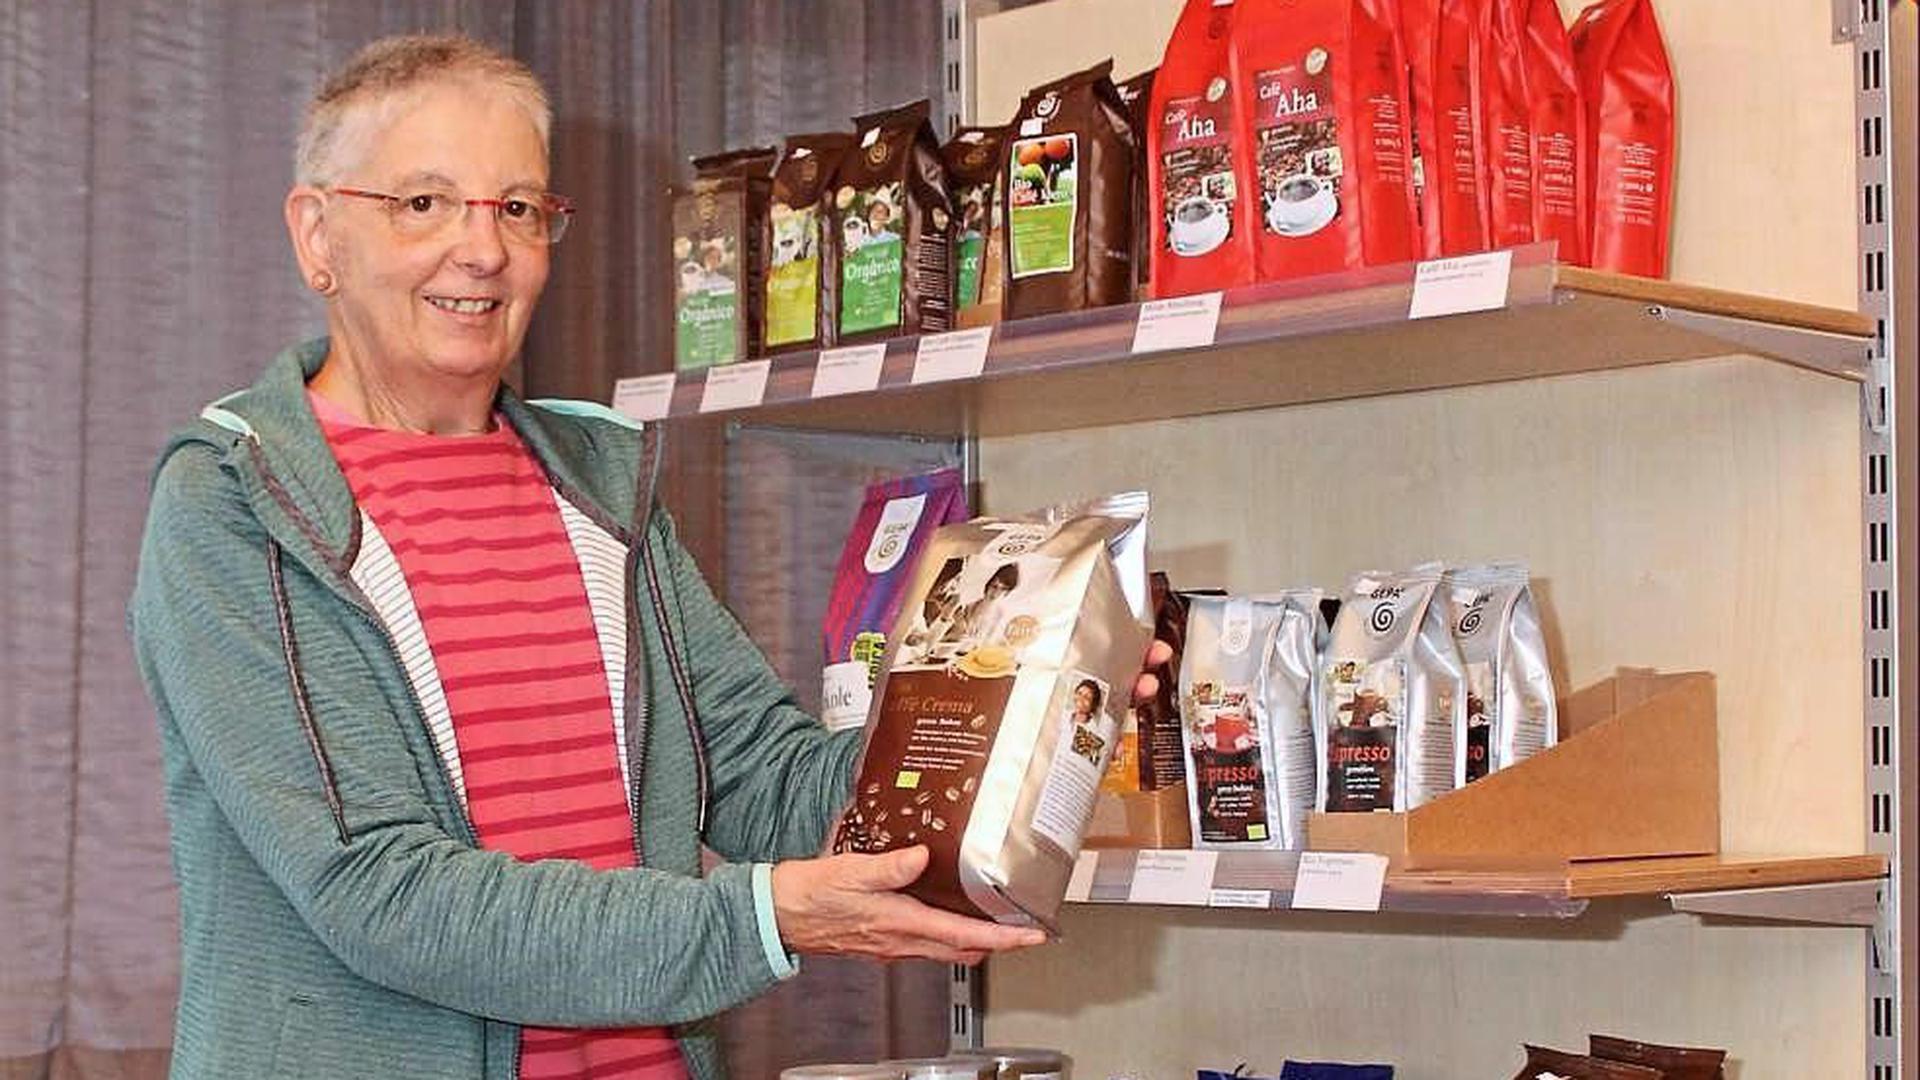 Teil der künftigen Fairtrade-Gemeinde Waldbronn ist der Eine-Welt-Laden, in dem Katharina Kronbach und Mitstreiter etwa Kaffee verkaufen.